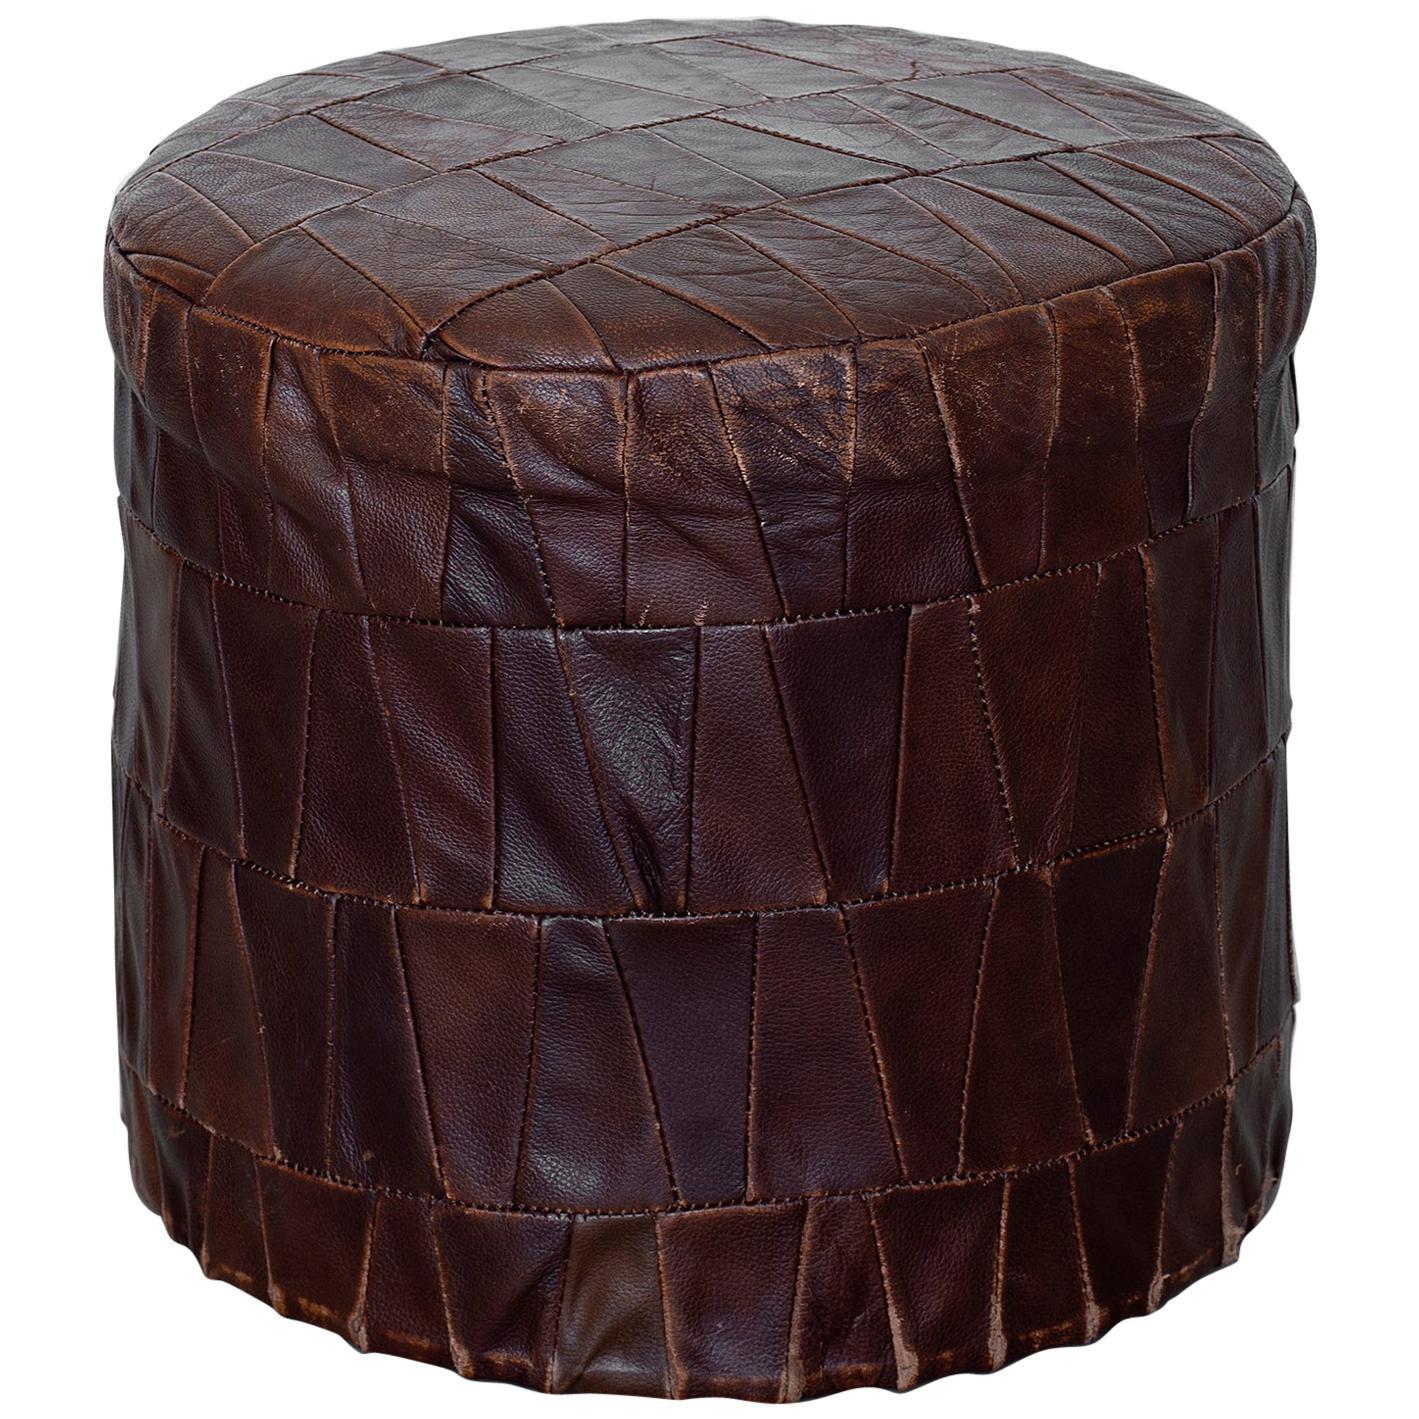 De Sede Leather Ottoman